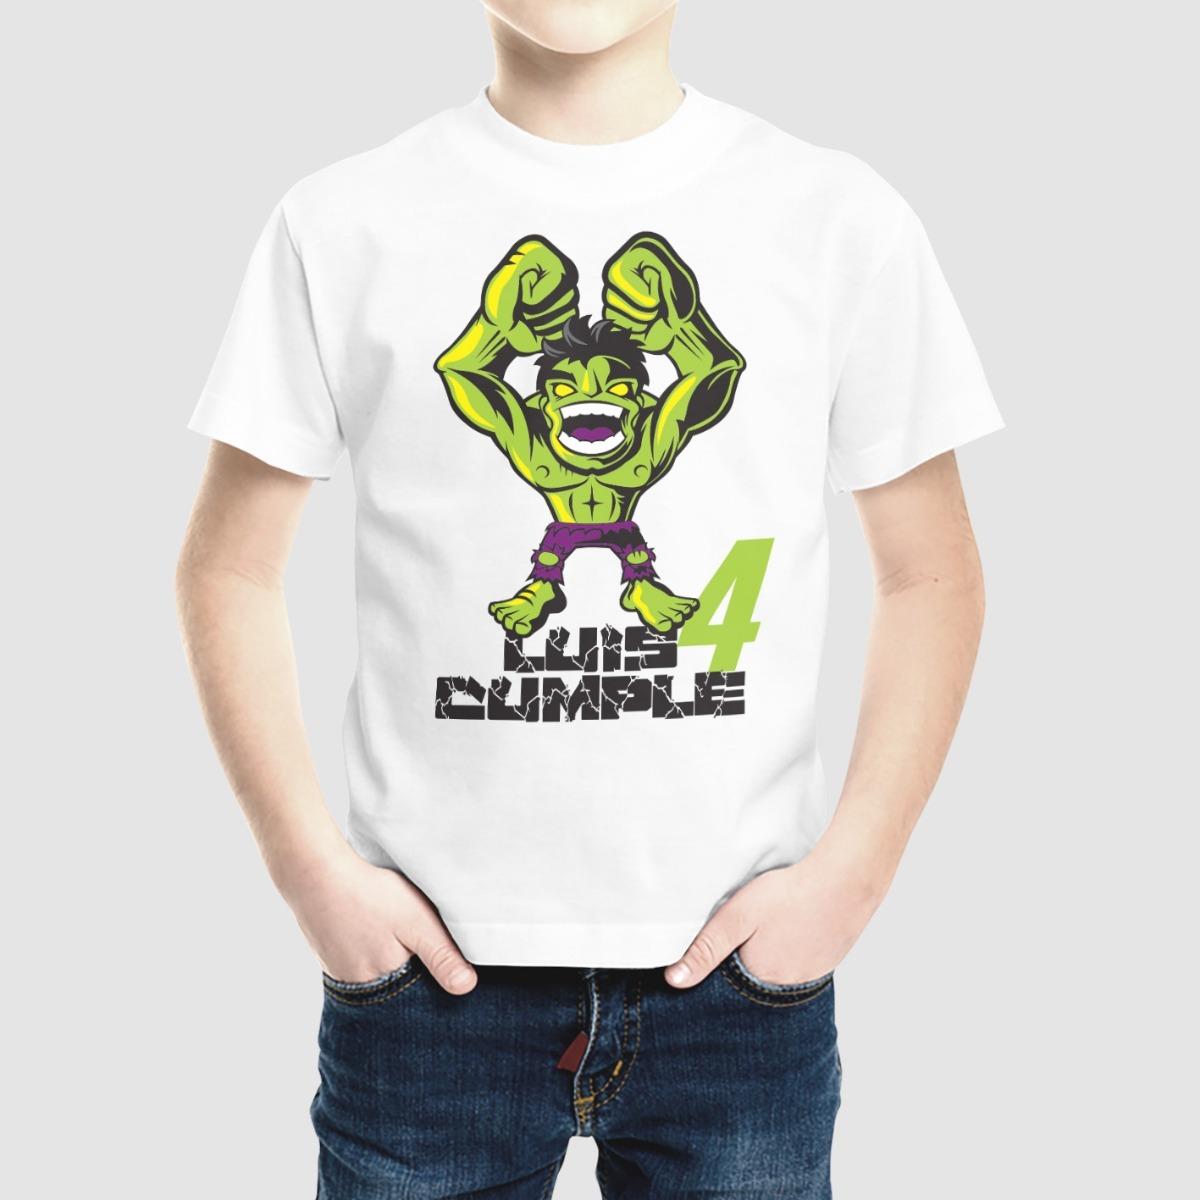 b01278089285f Playera Hulk Cumpleaños Personalizada Nombre Y Edad -   135.00 en ...